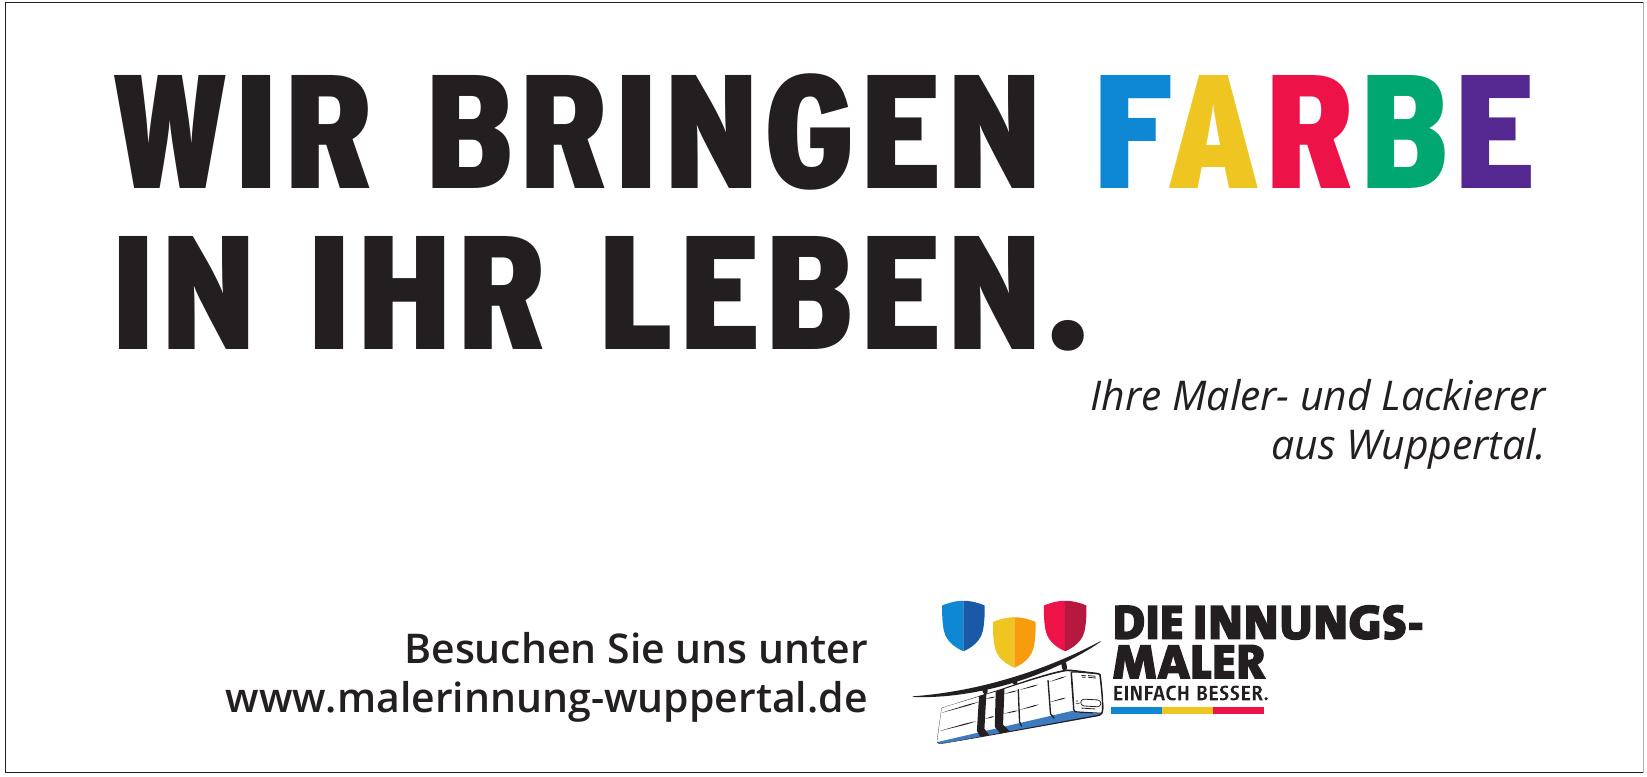 Maler- und Lackierer-Innung Wuppertal